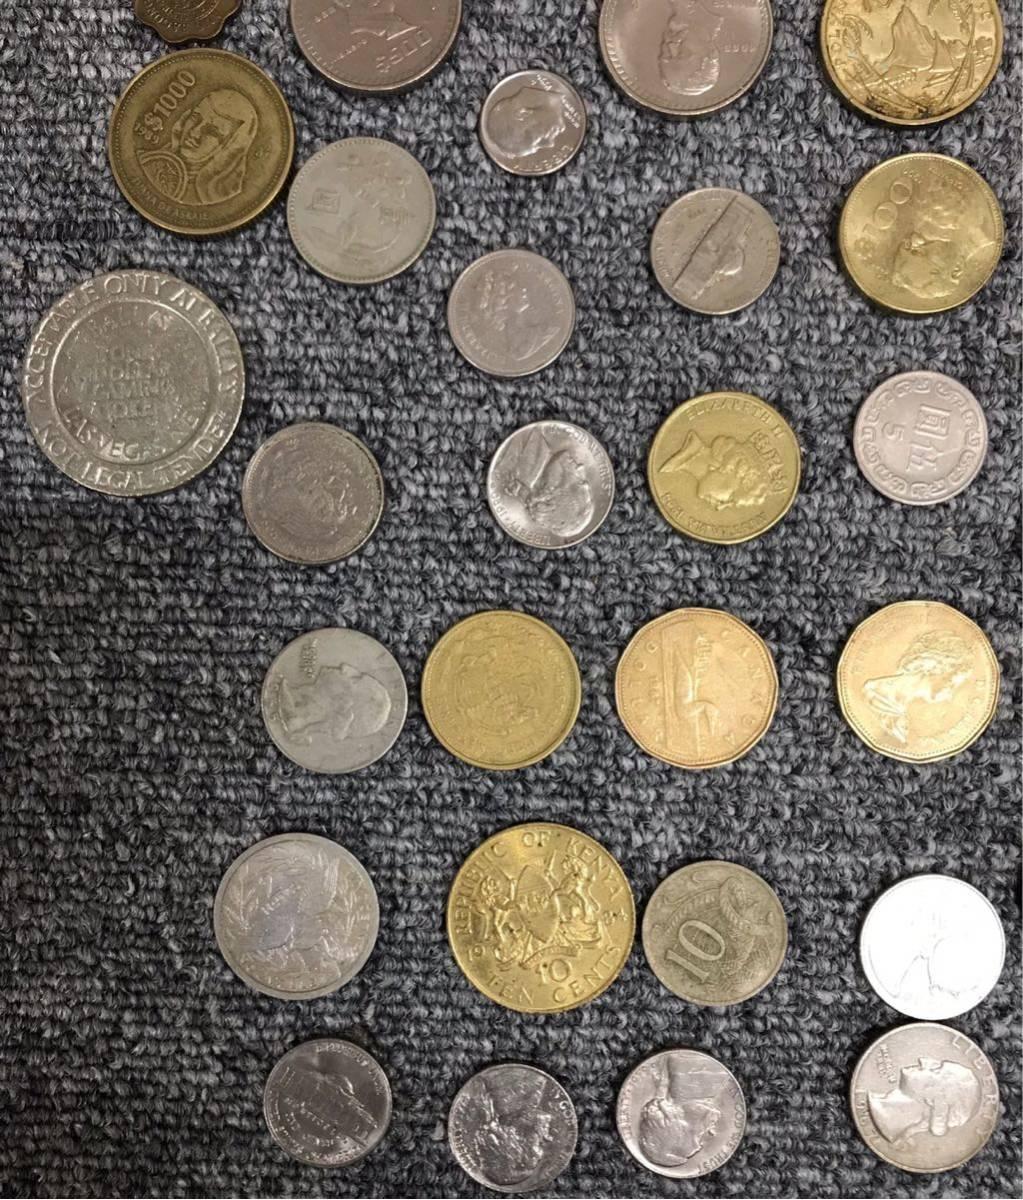 1円 ~ 外国の硬貨 紙幣 まとめて 中国 ニュージーランド アメリカ 他 紙幣7枚 硬貨81枚 宅急便コンパクト発送予定_画像6